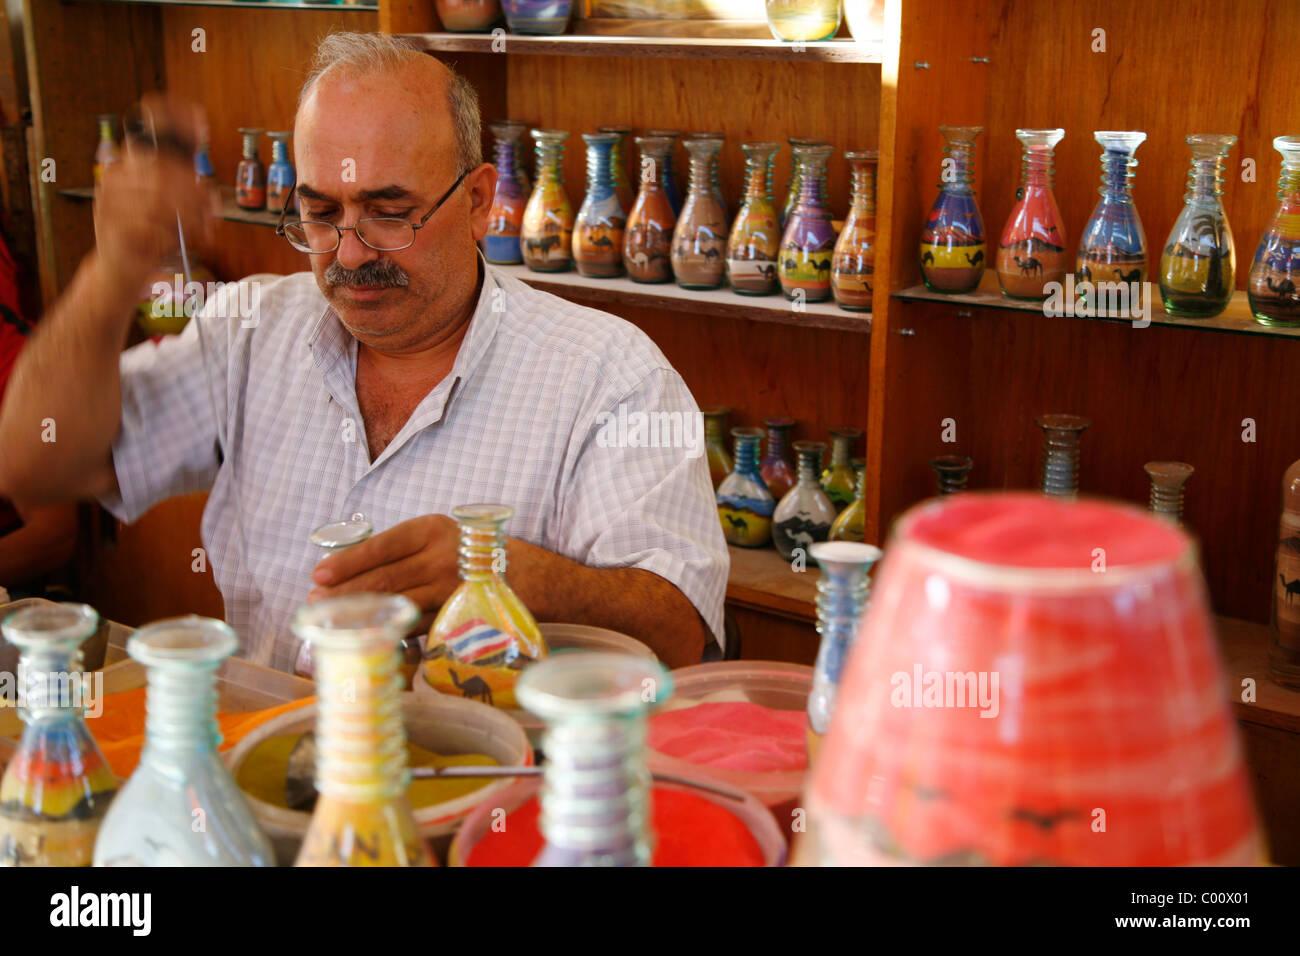 Un artista souvenir di riempimento delle bottiglie con la sabbia del deserto, Jerash, Giordania. Immagini Stock